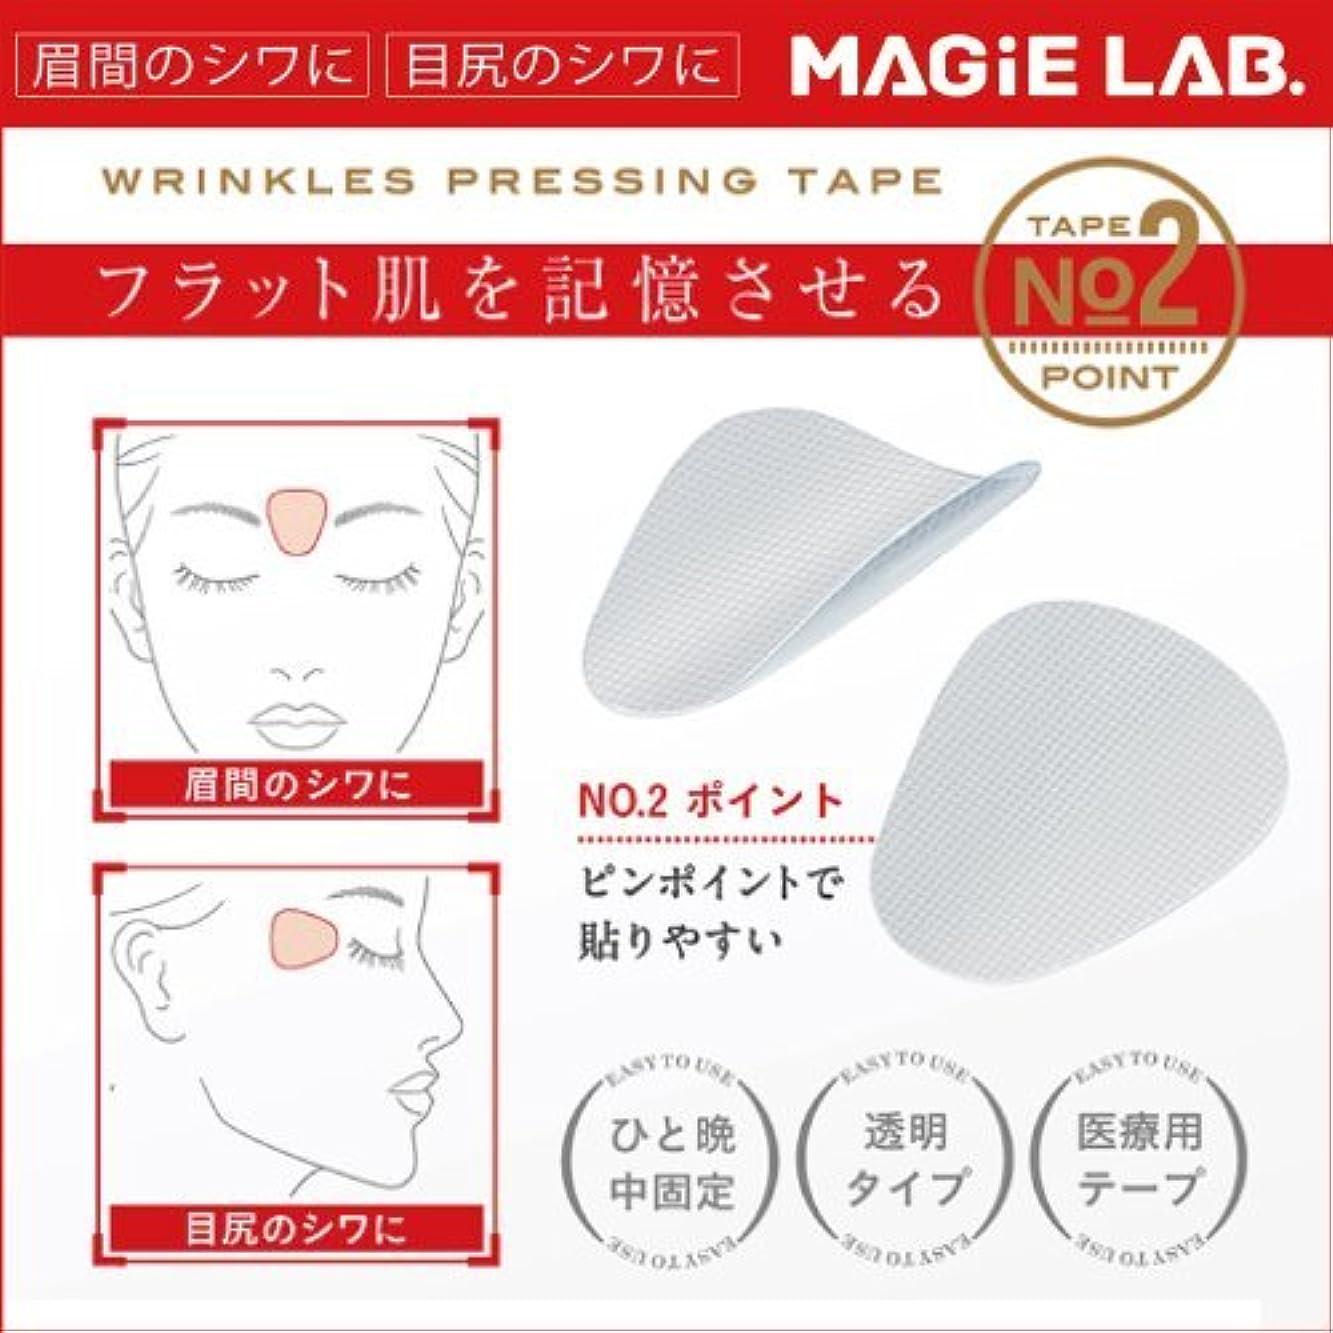 経験的ヒゲラグMAGiE LAB.(マジラボ) 一点集中カバー お休み中のしわ伸ばしテープ No.2.ポイントタイプ 貼って寝るだけ 表情筋を固定 27 枚